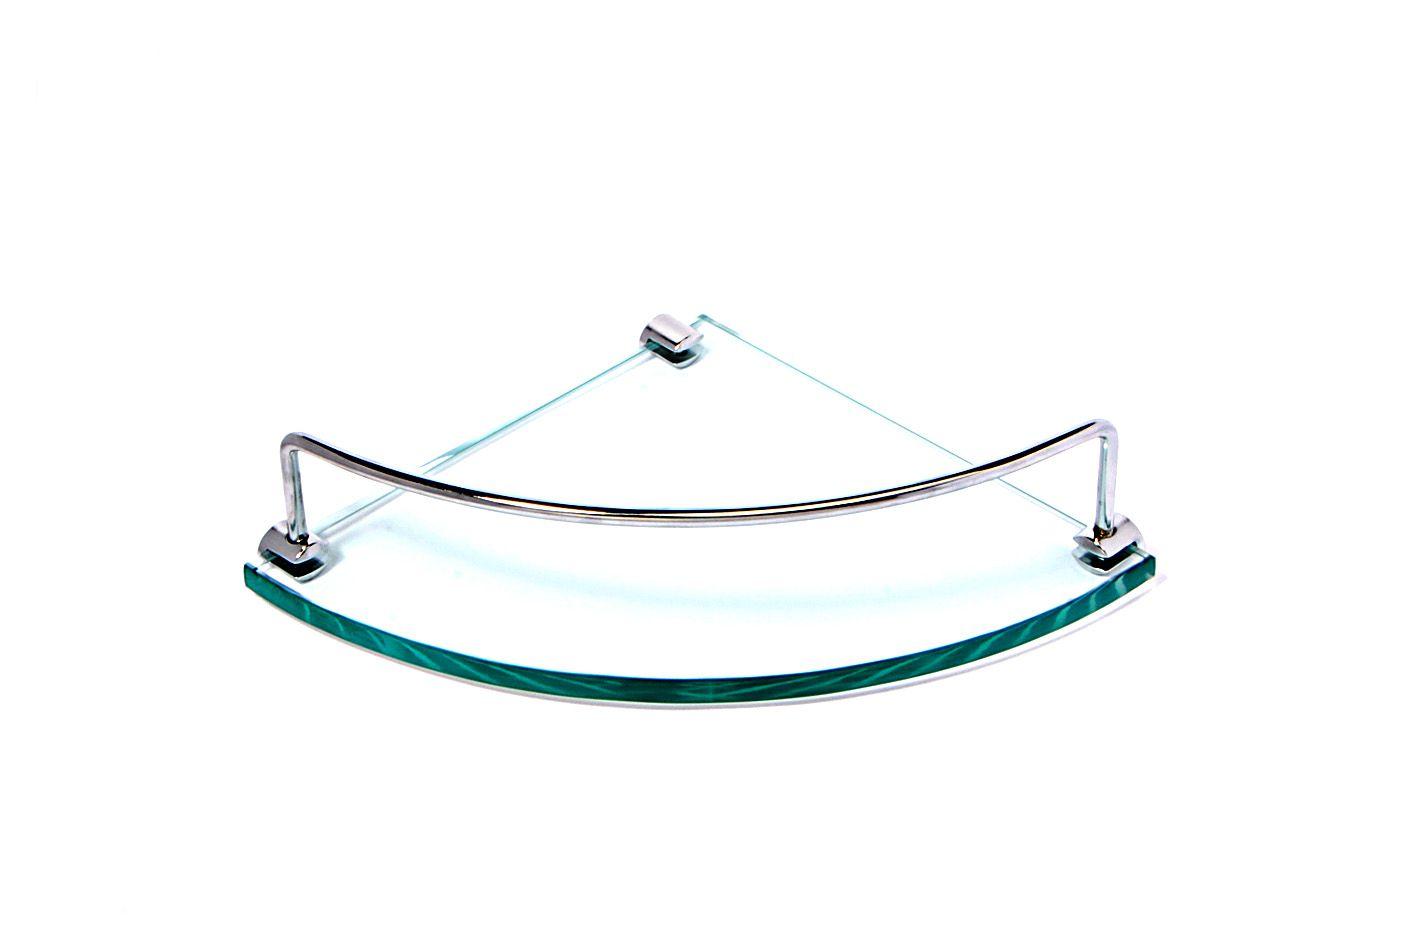 Porta Shampoo de Canto Curvo em Vidro Incolor Lapidado - Aquabox  - 20cmx20cmx10mm